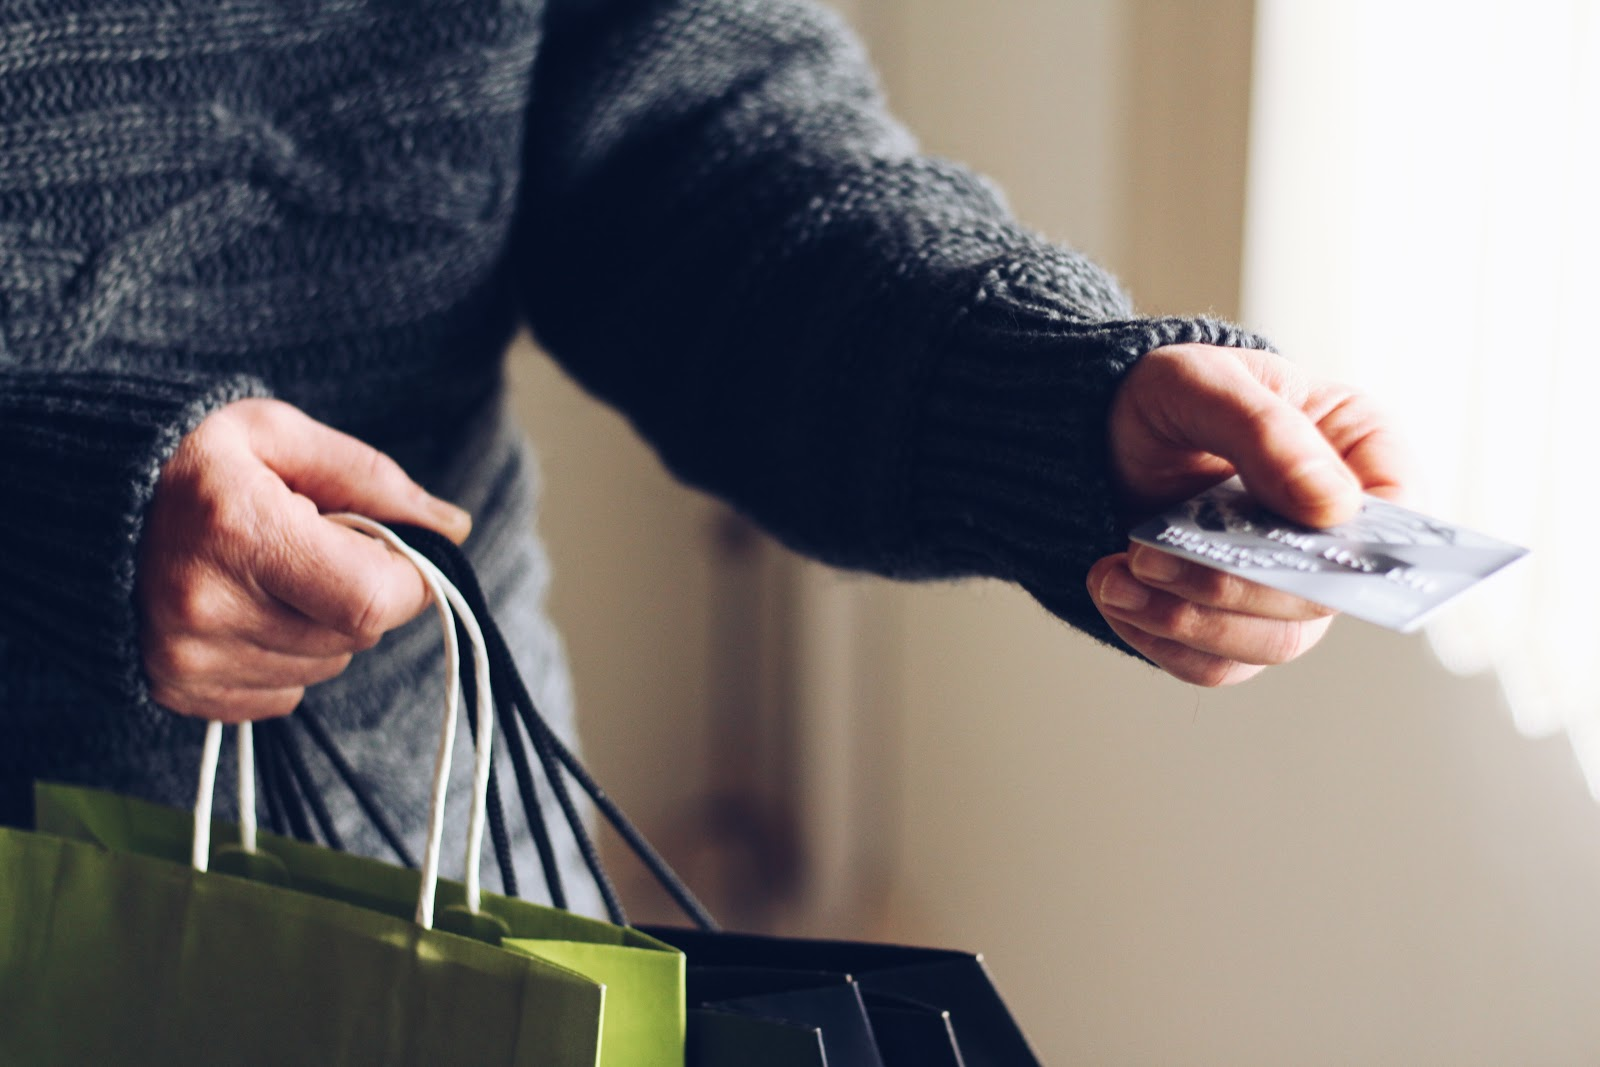 Um homem entregando um cartão para alguém, enquanto segura sacolas de presentes.